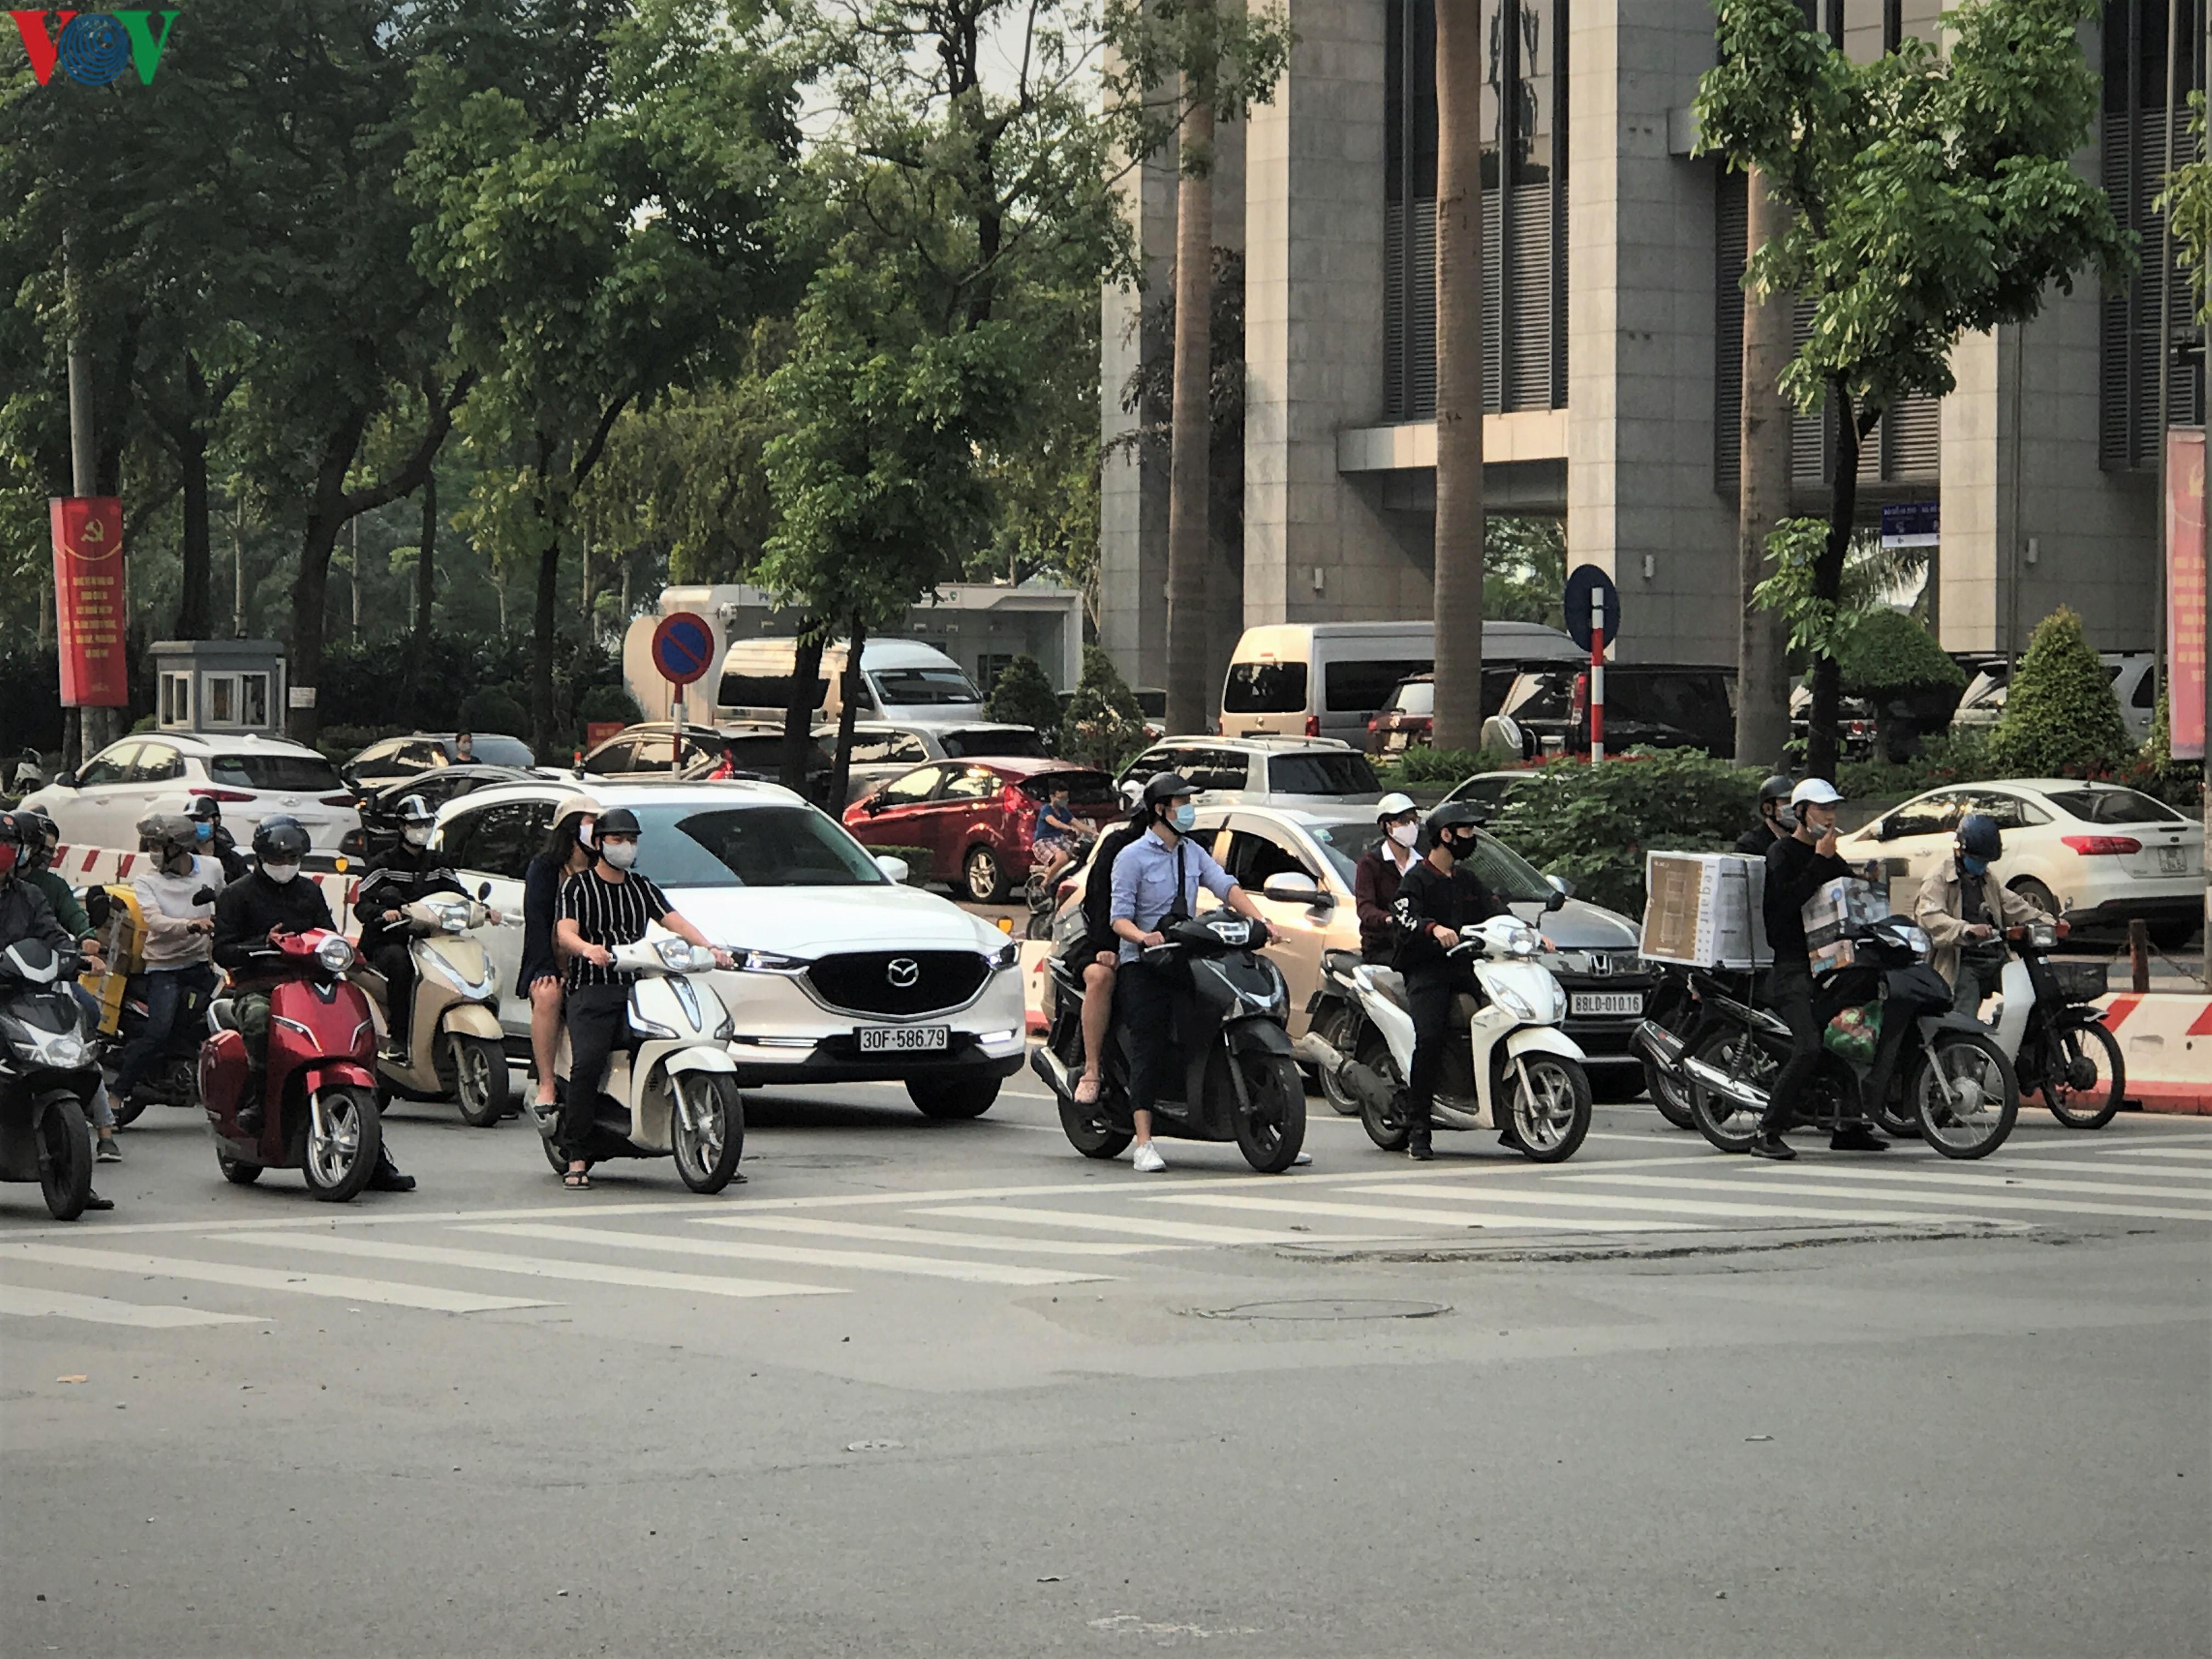 Ngày thứ 9 cách ly xã hội: Người và xe đông chật các ngã tư ở Hà Nội Ảnh 4